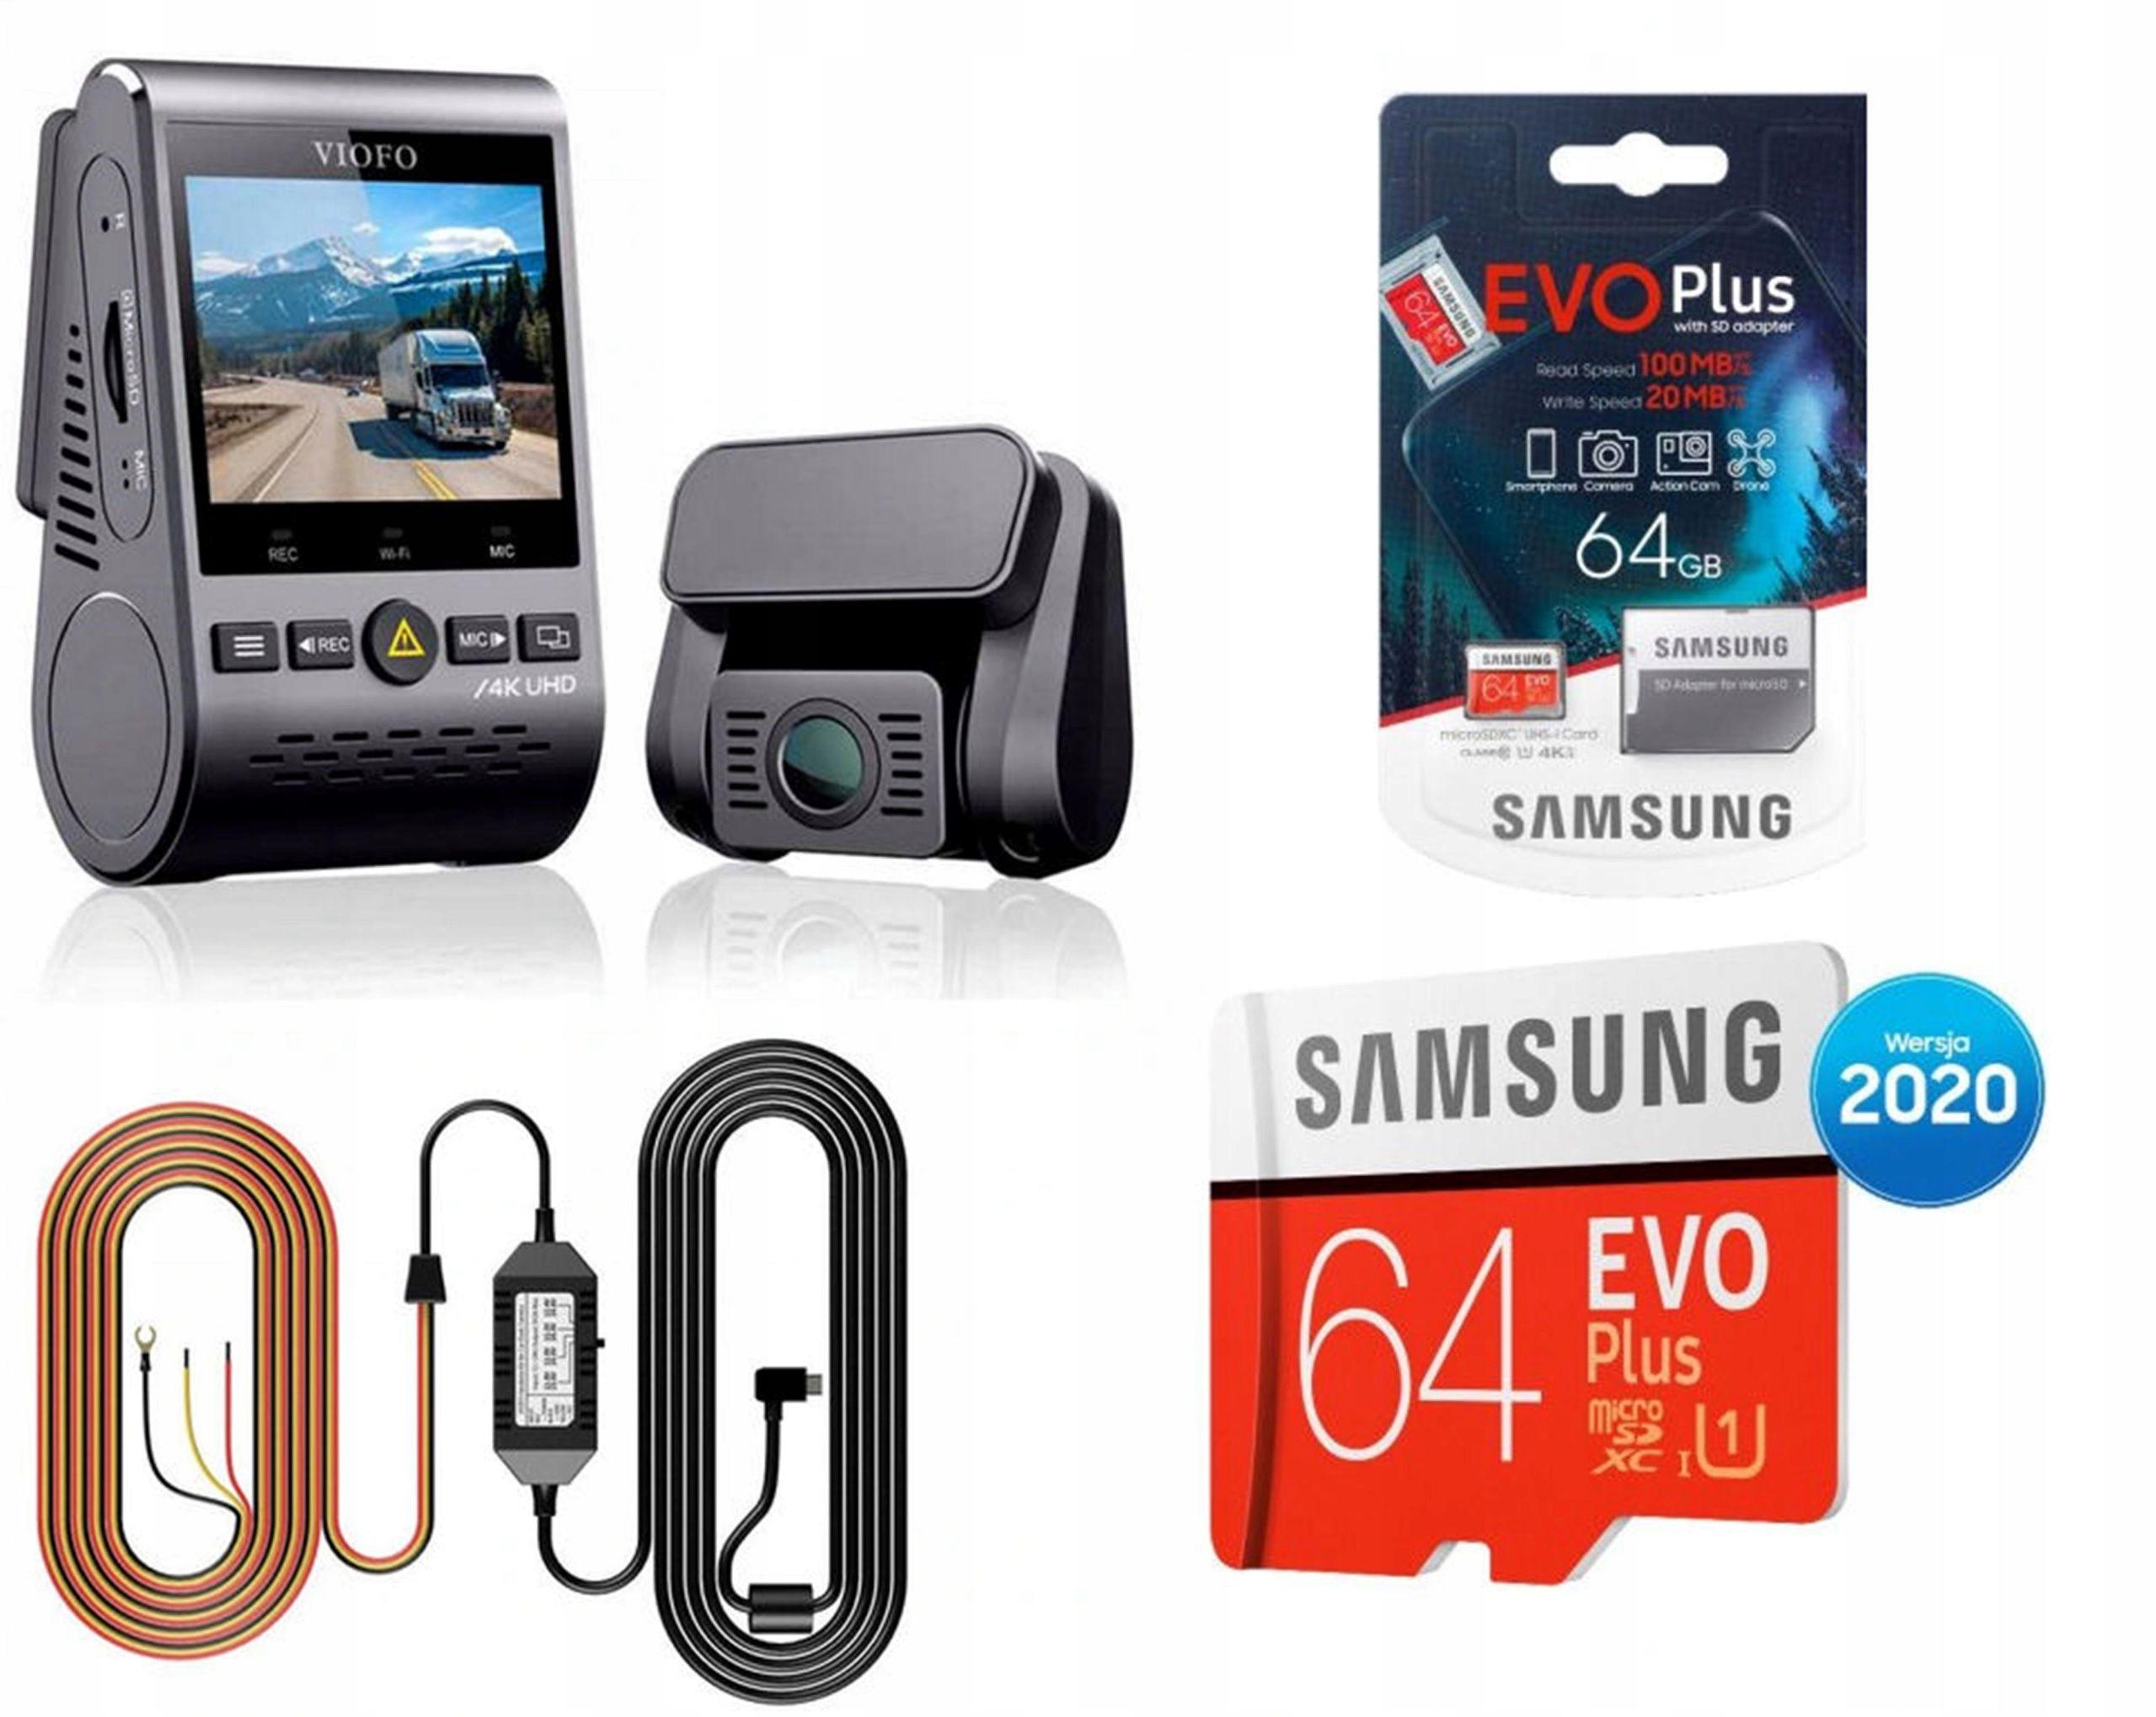 Rejestrator Kamera VIOFO A129 PLUS DUO-G+HK3+64GB Karta pamięci 64GB Zasilacz HK3 w zestawie